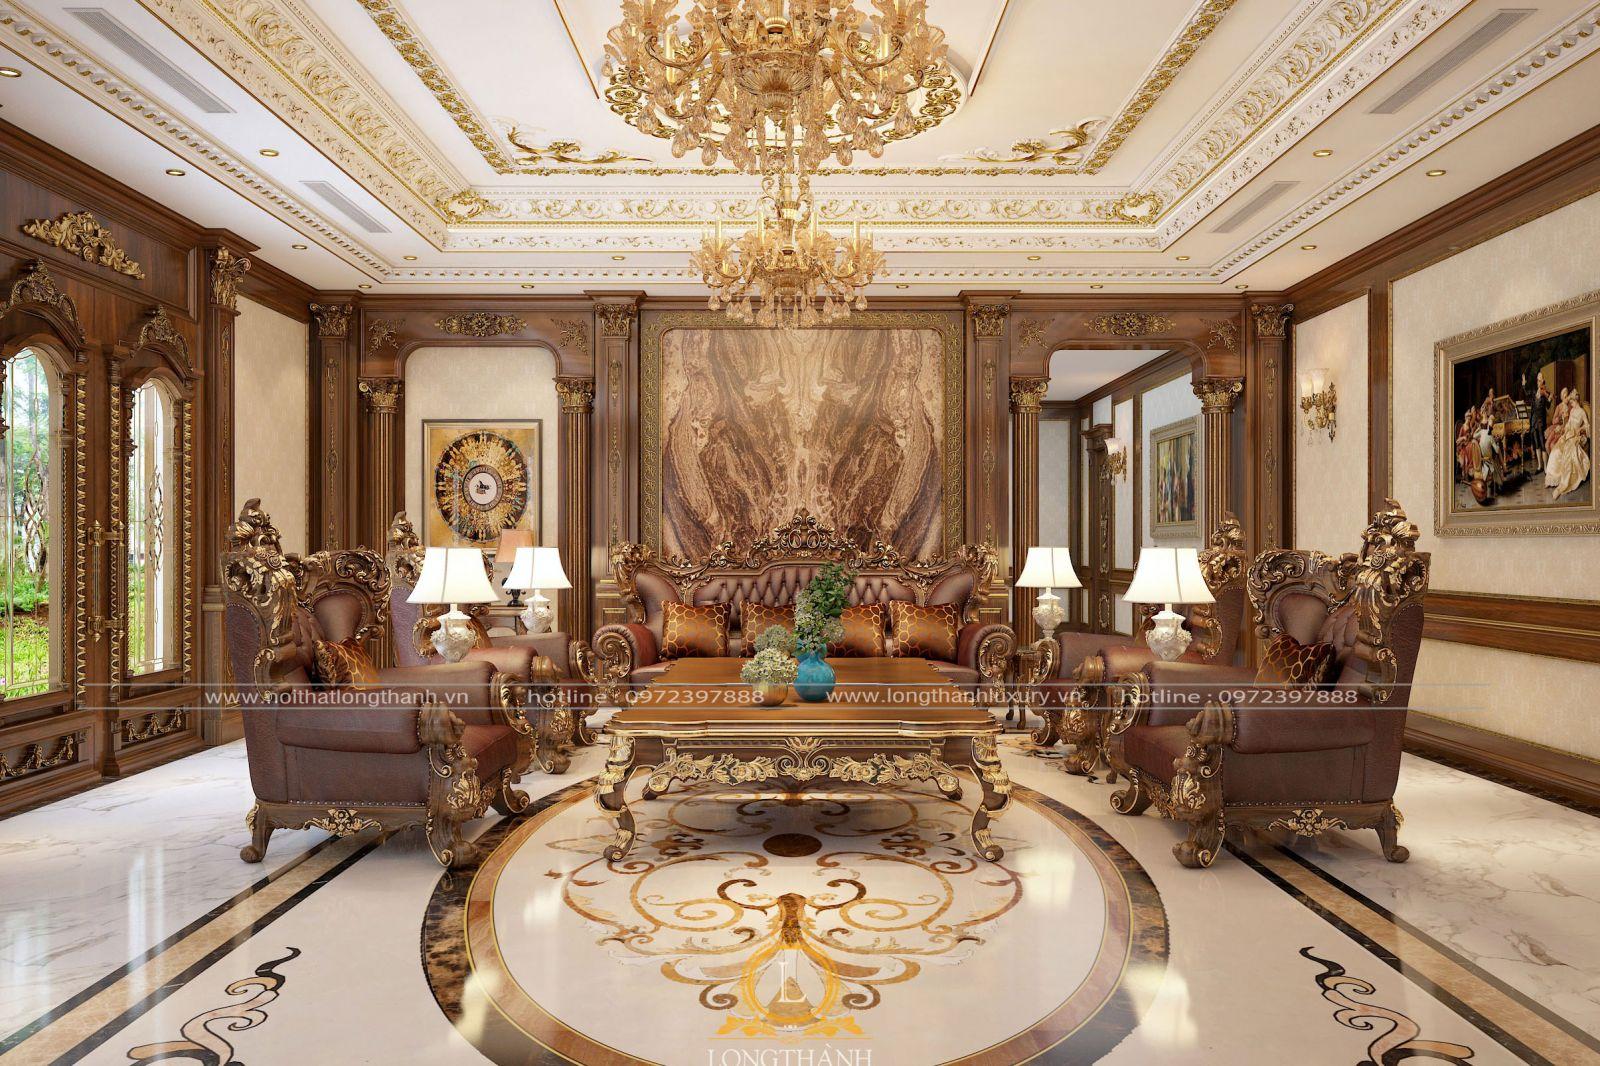 Mẫu phòng khách đẹp cho nhà biệt thự LT36